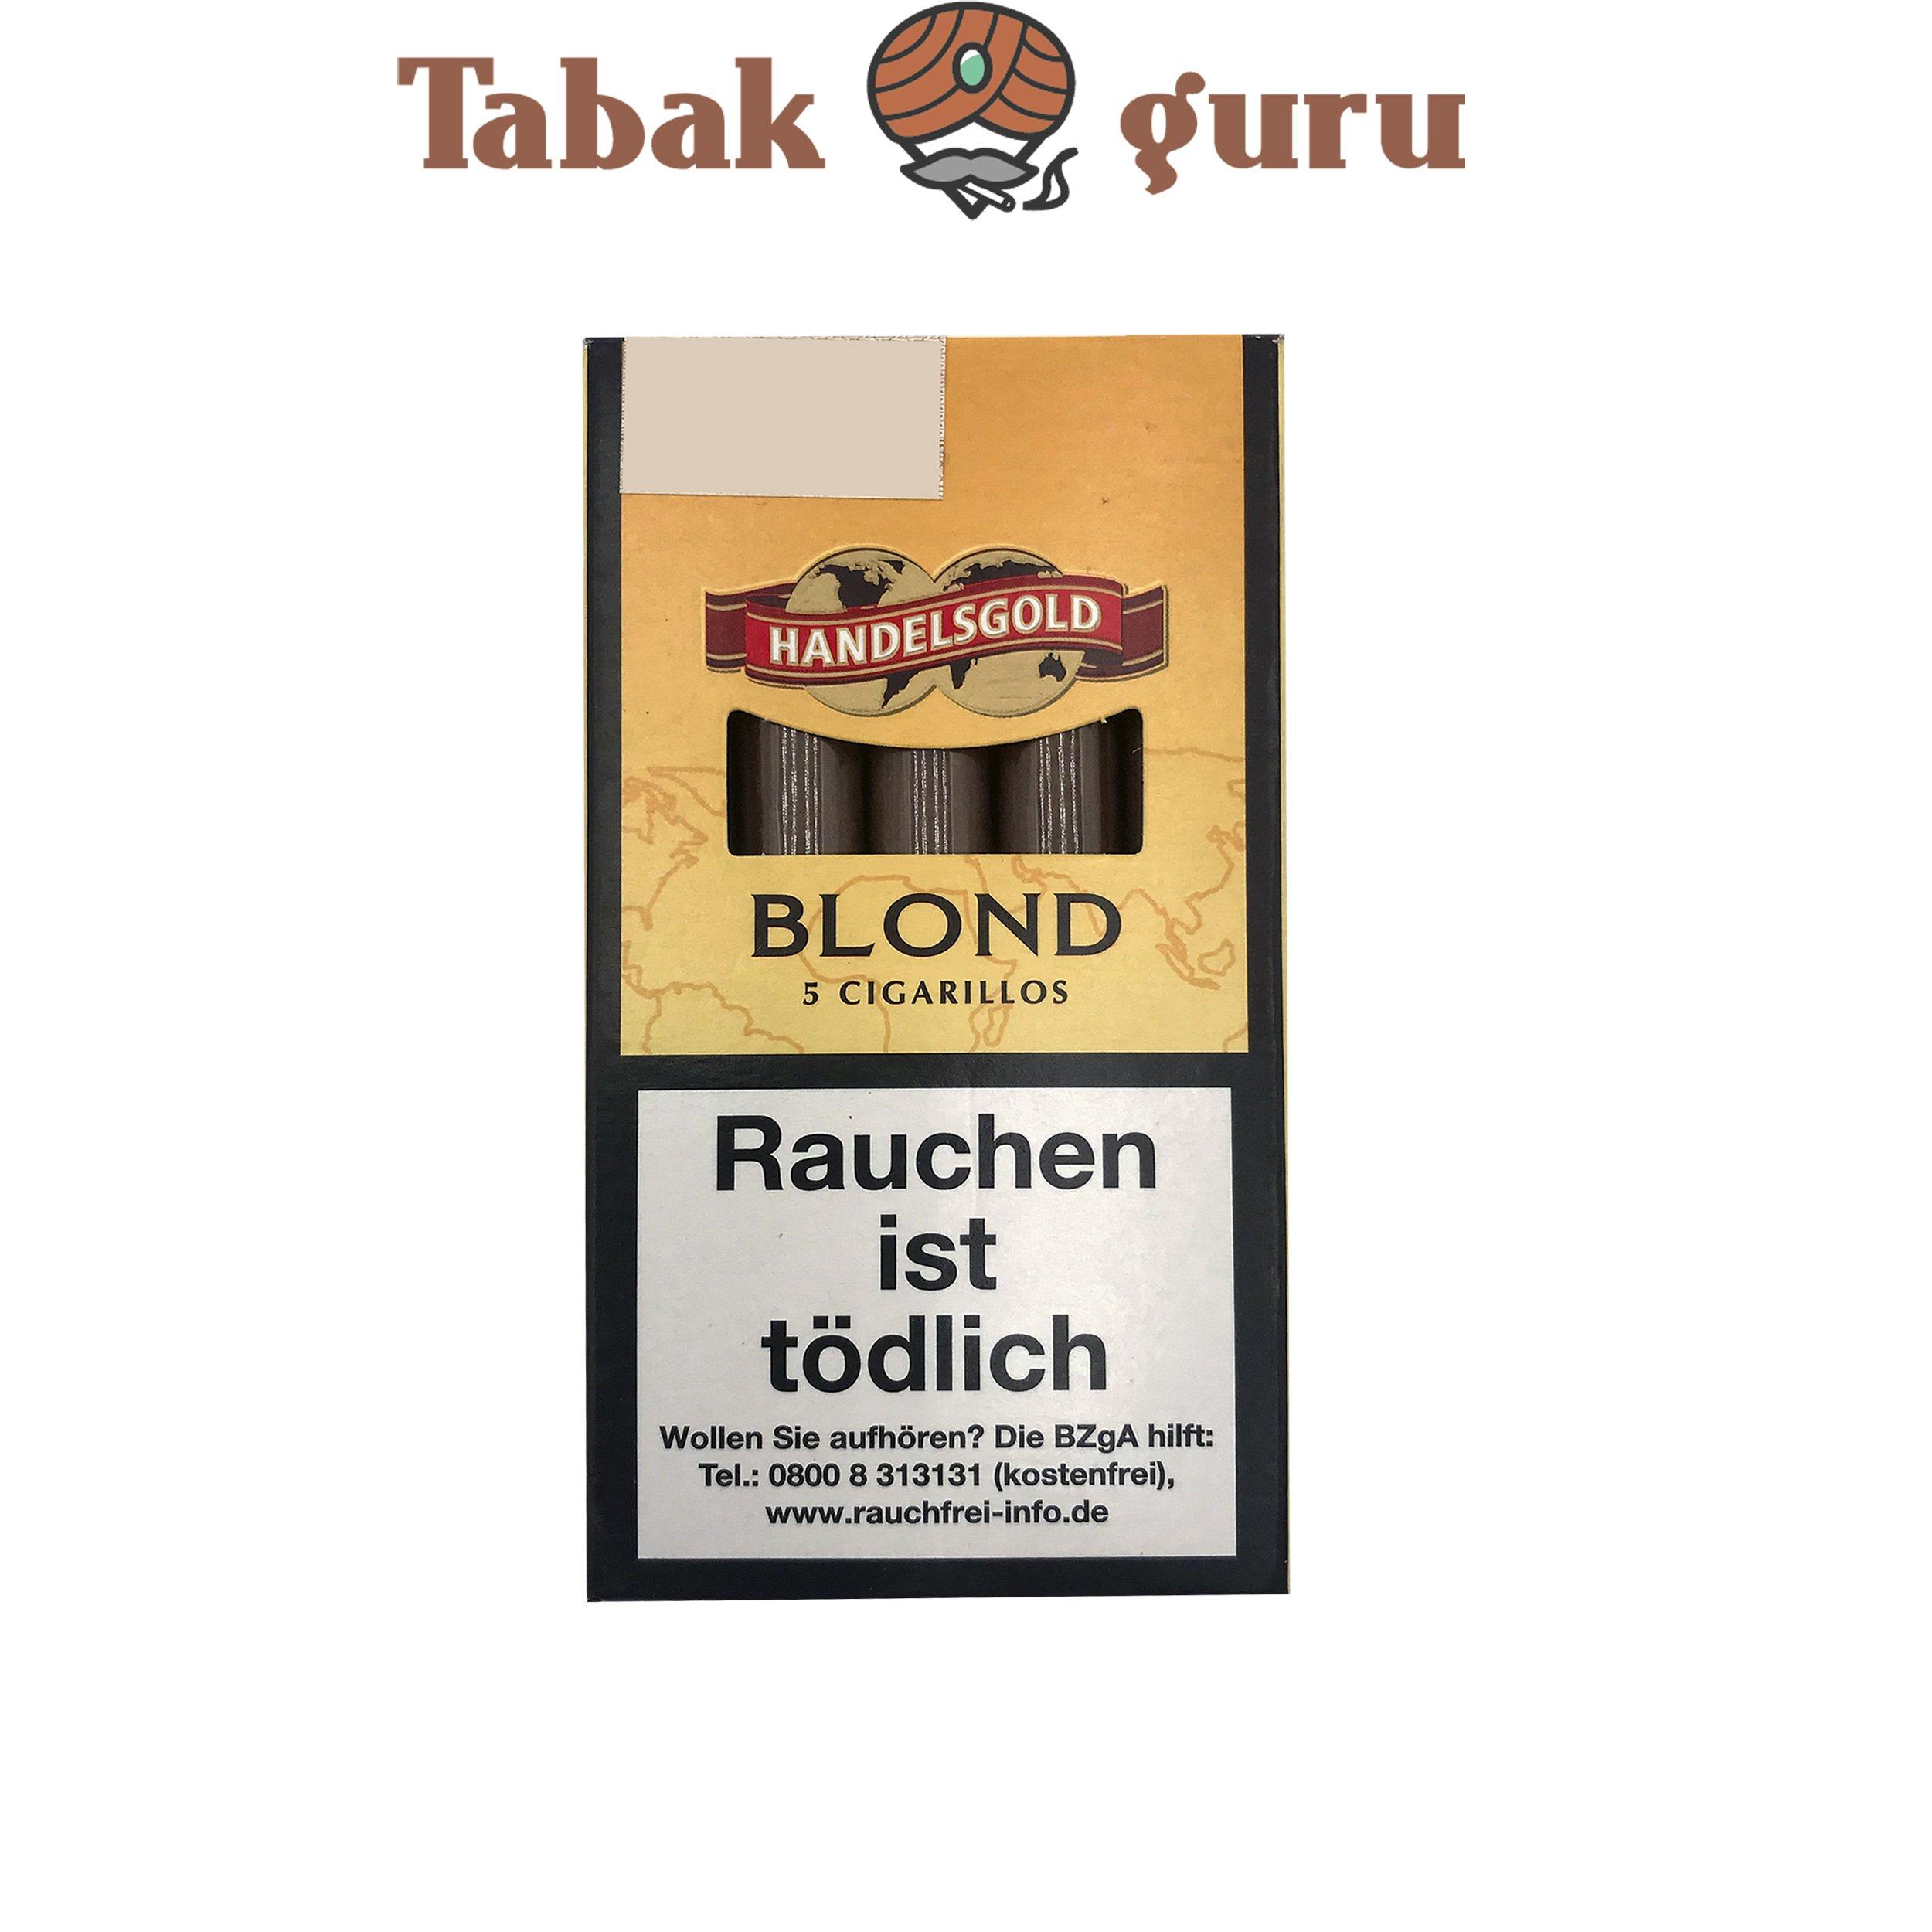 Handelsgold Blond No. 211 (Vanilla) Filterzigarillos a 5 Stück